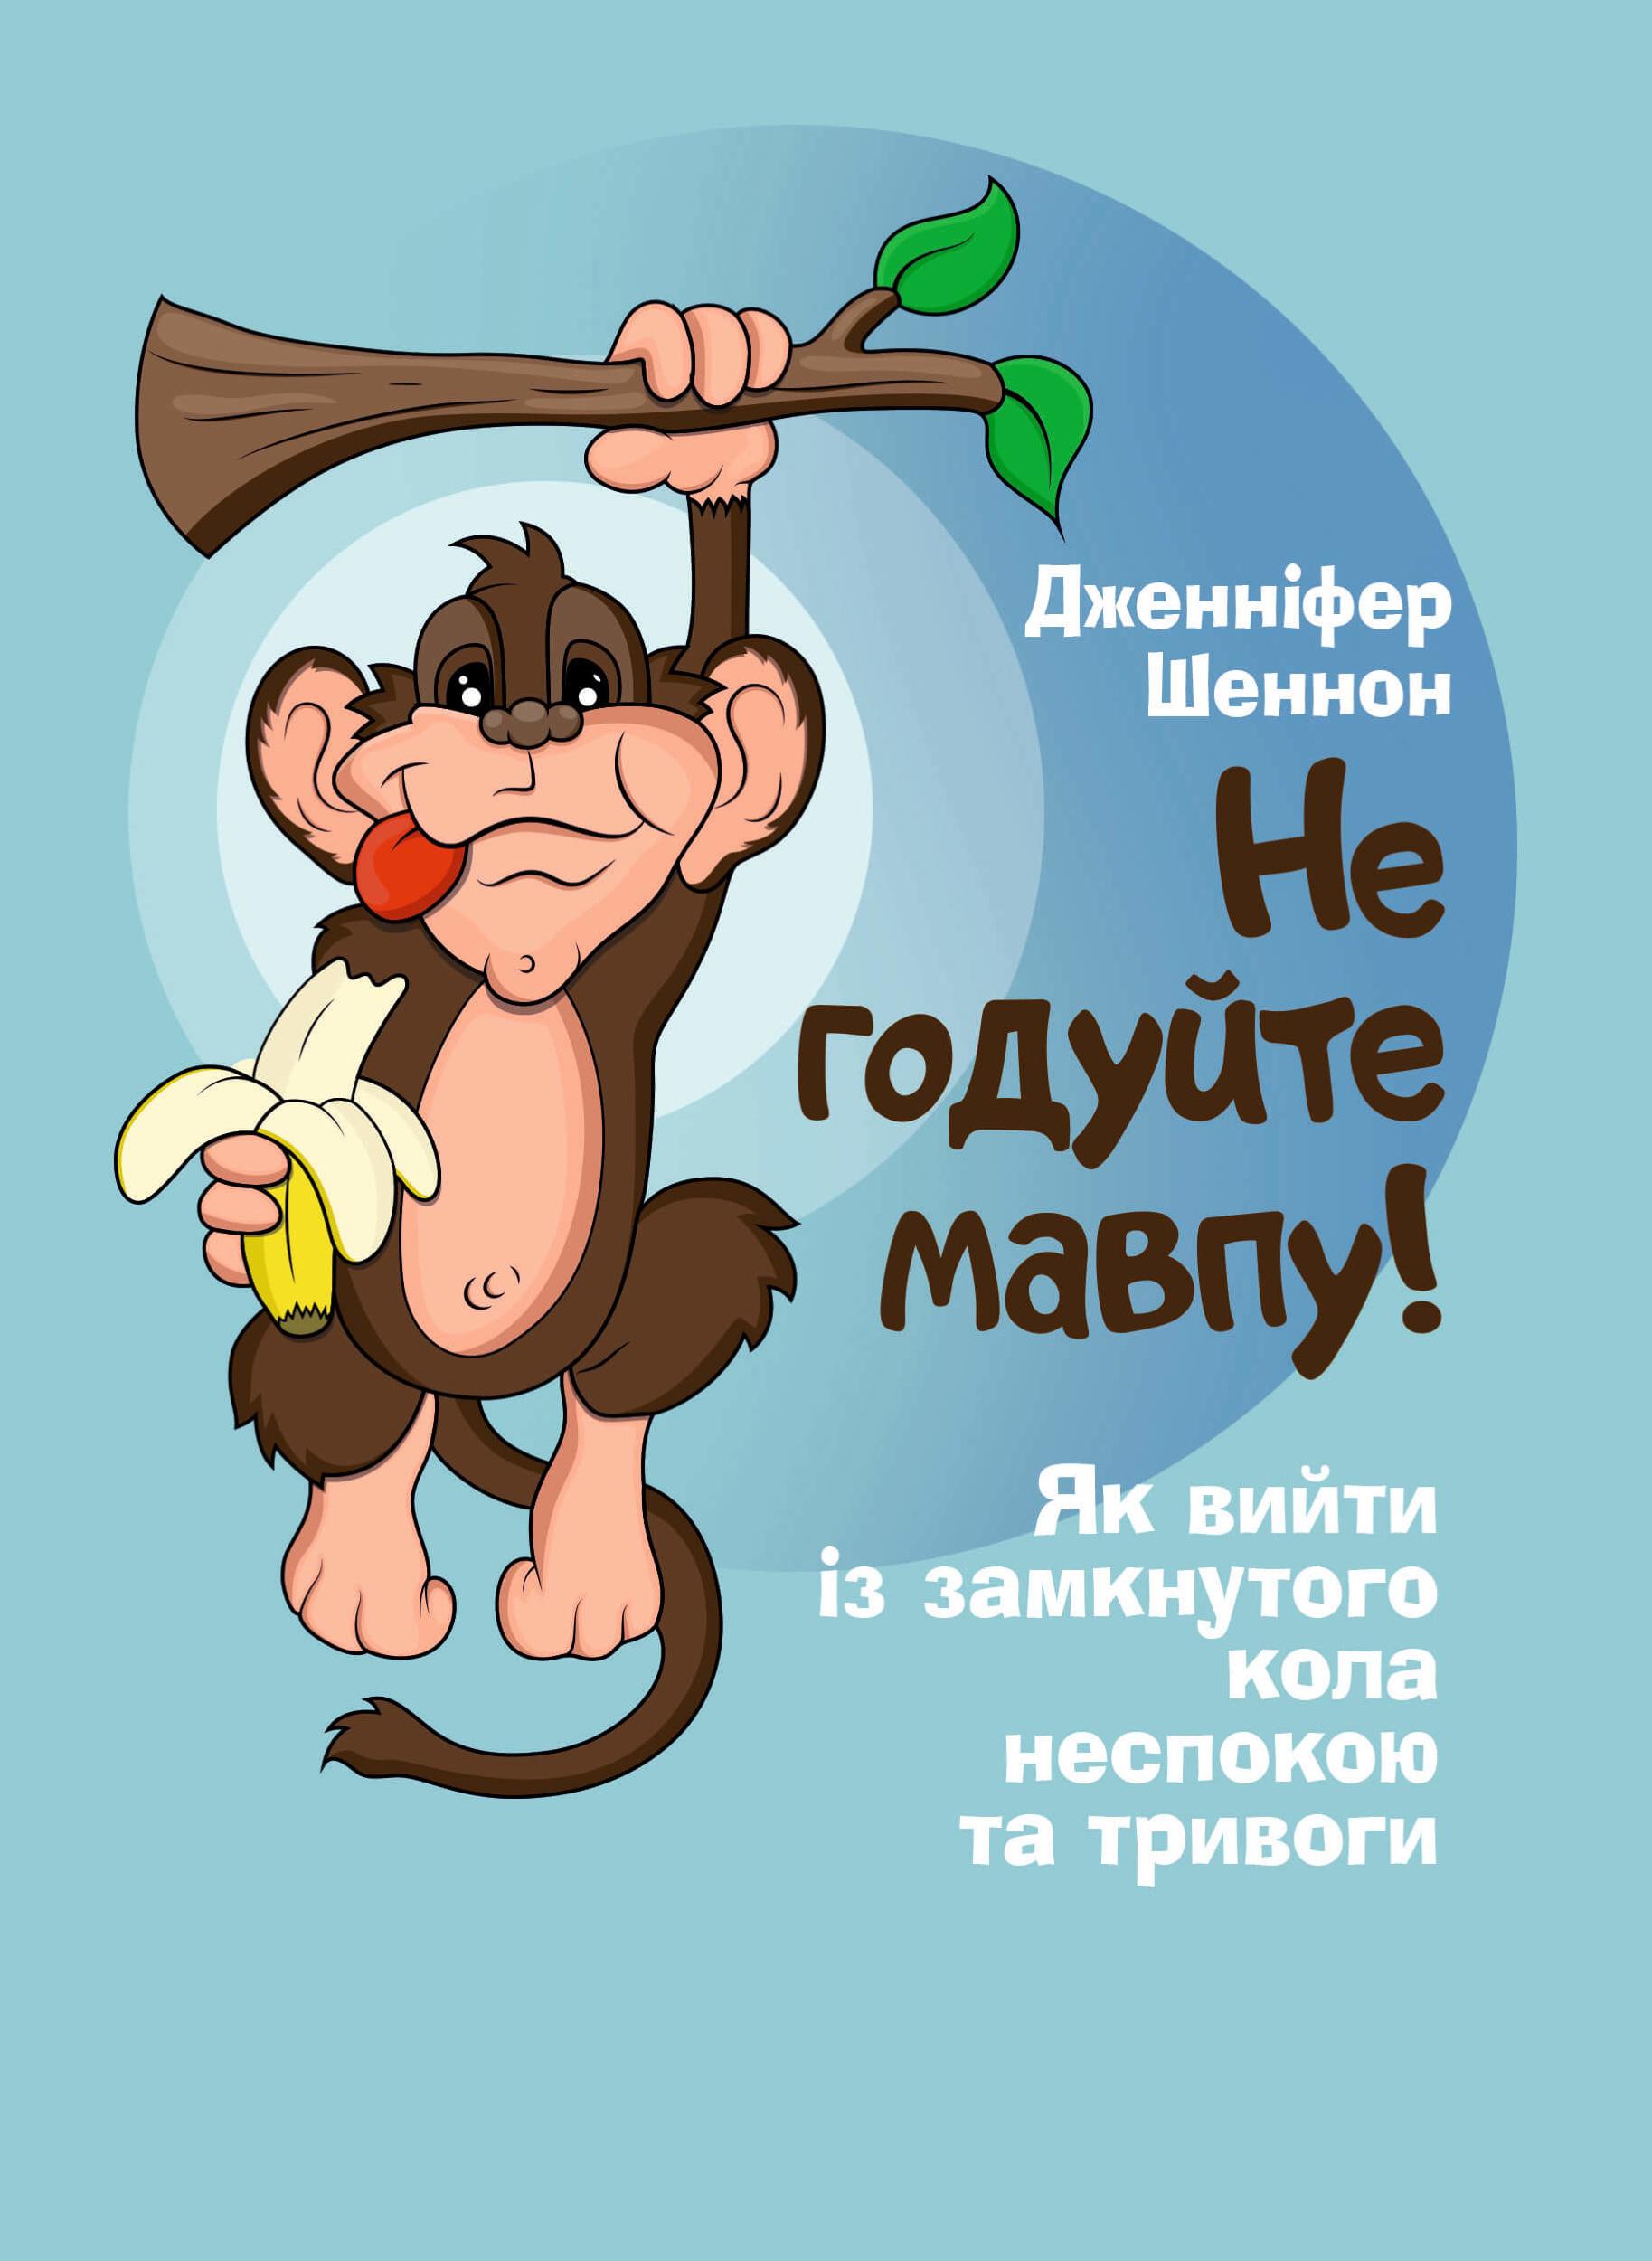 Не годуйте мавпу! Як вийти із замкнутого кола неспокою та тривоги. Автор — Шеннон Дженнифер. Переплет —